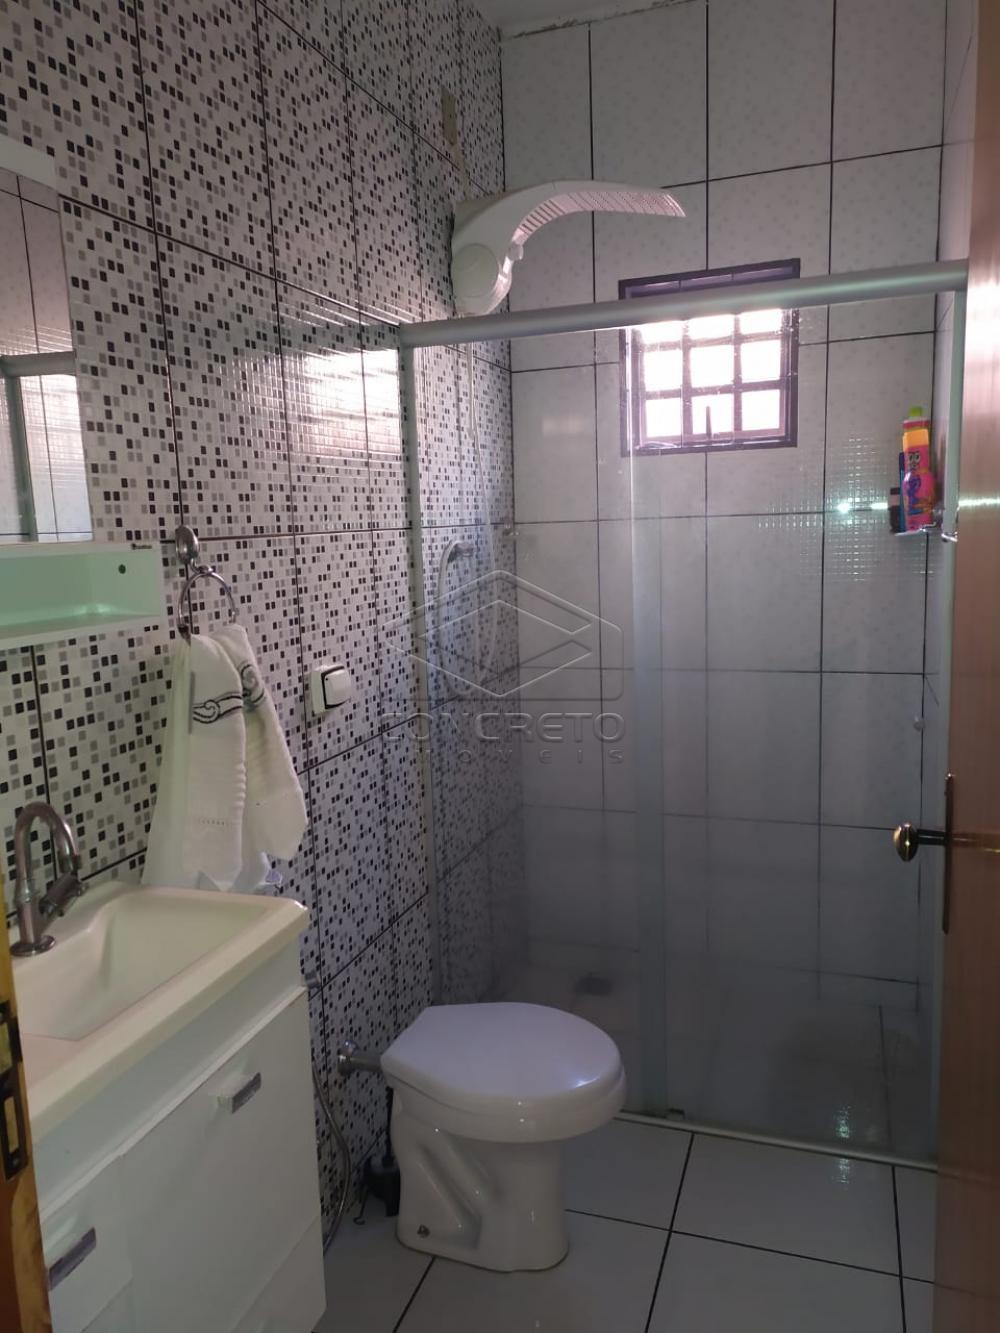 Comprar Casa / Padrão em Bauru apenas R$ 208.000,00 - Foto 14